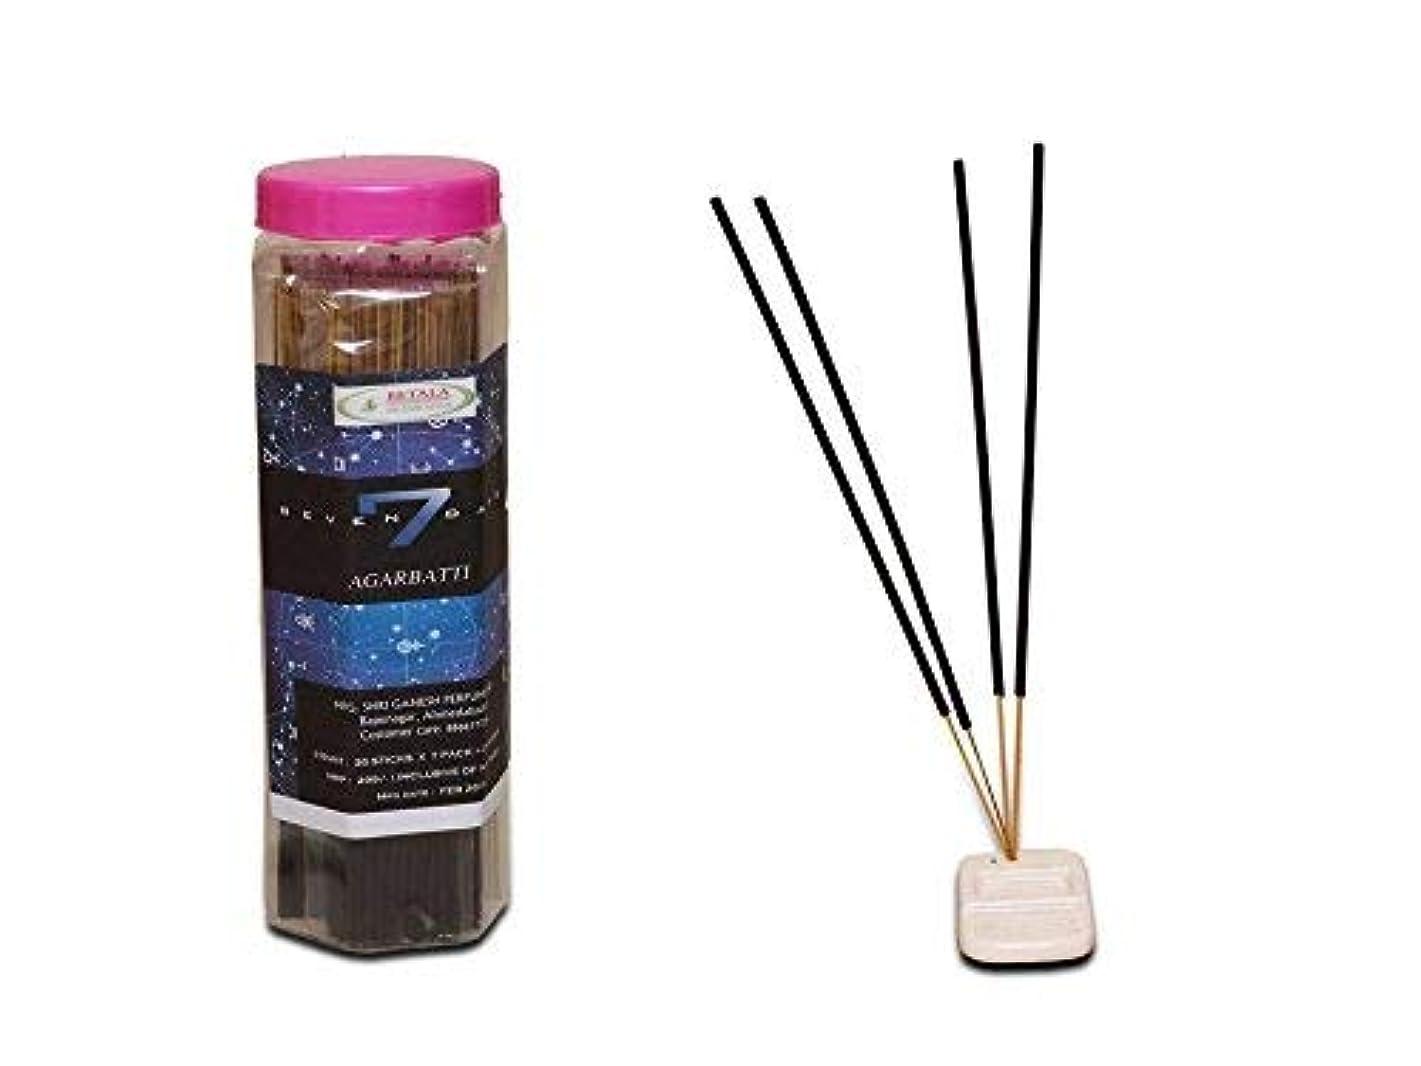 アーチ活性化するディスコBETALA FRAGRANCE SEVAN DAYS incense sticks (30 sticks X 7 flavours) with incense stick holder in box. best incense...